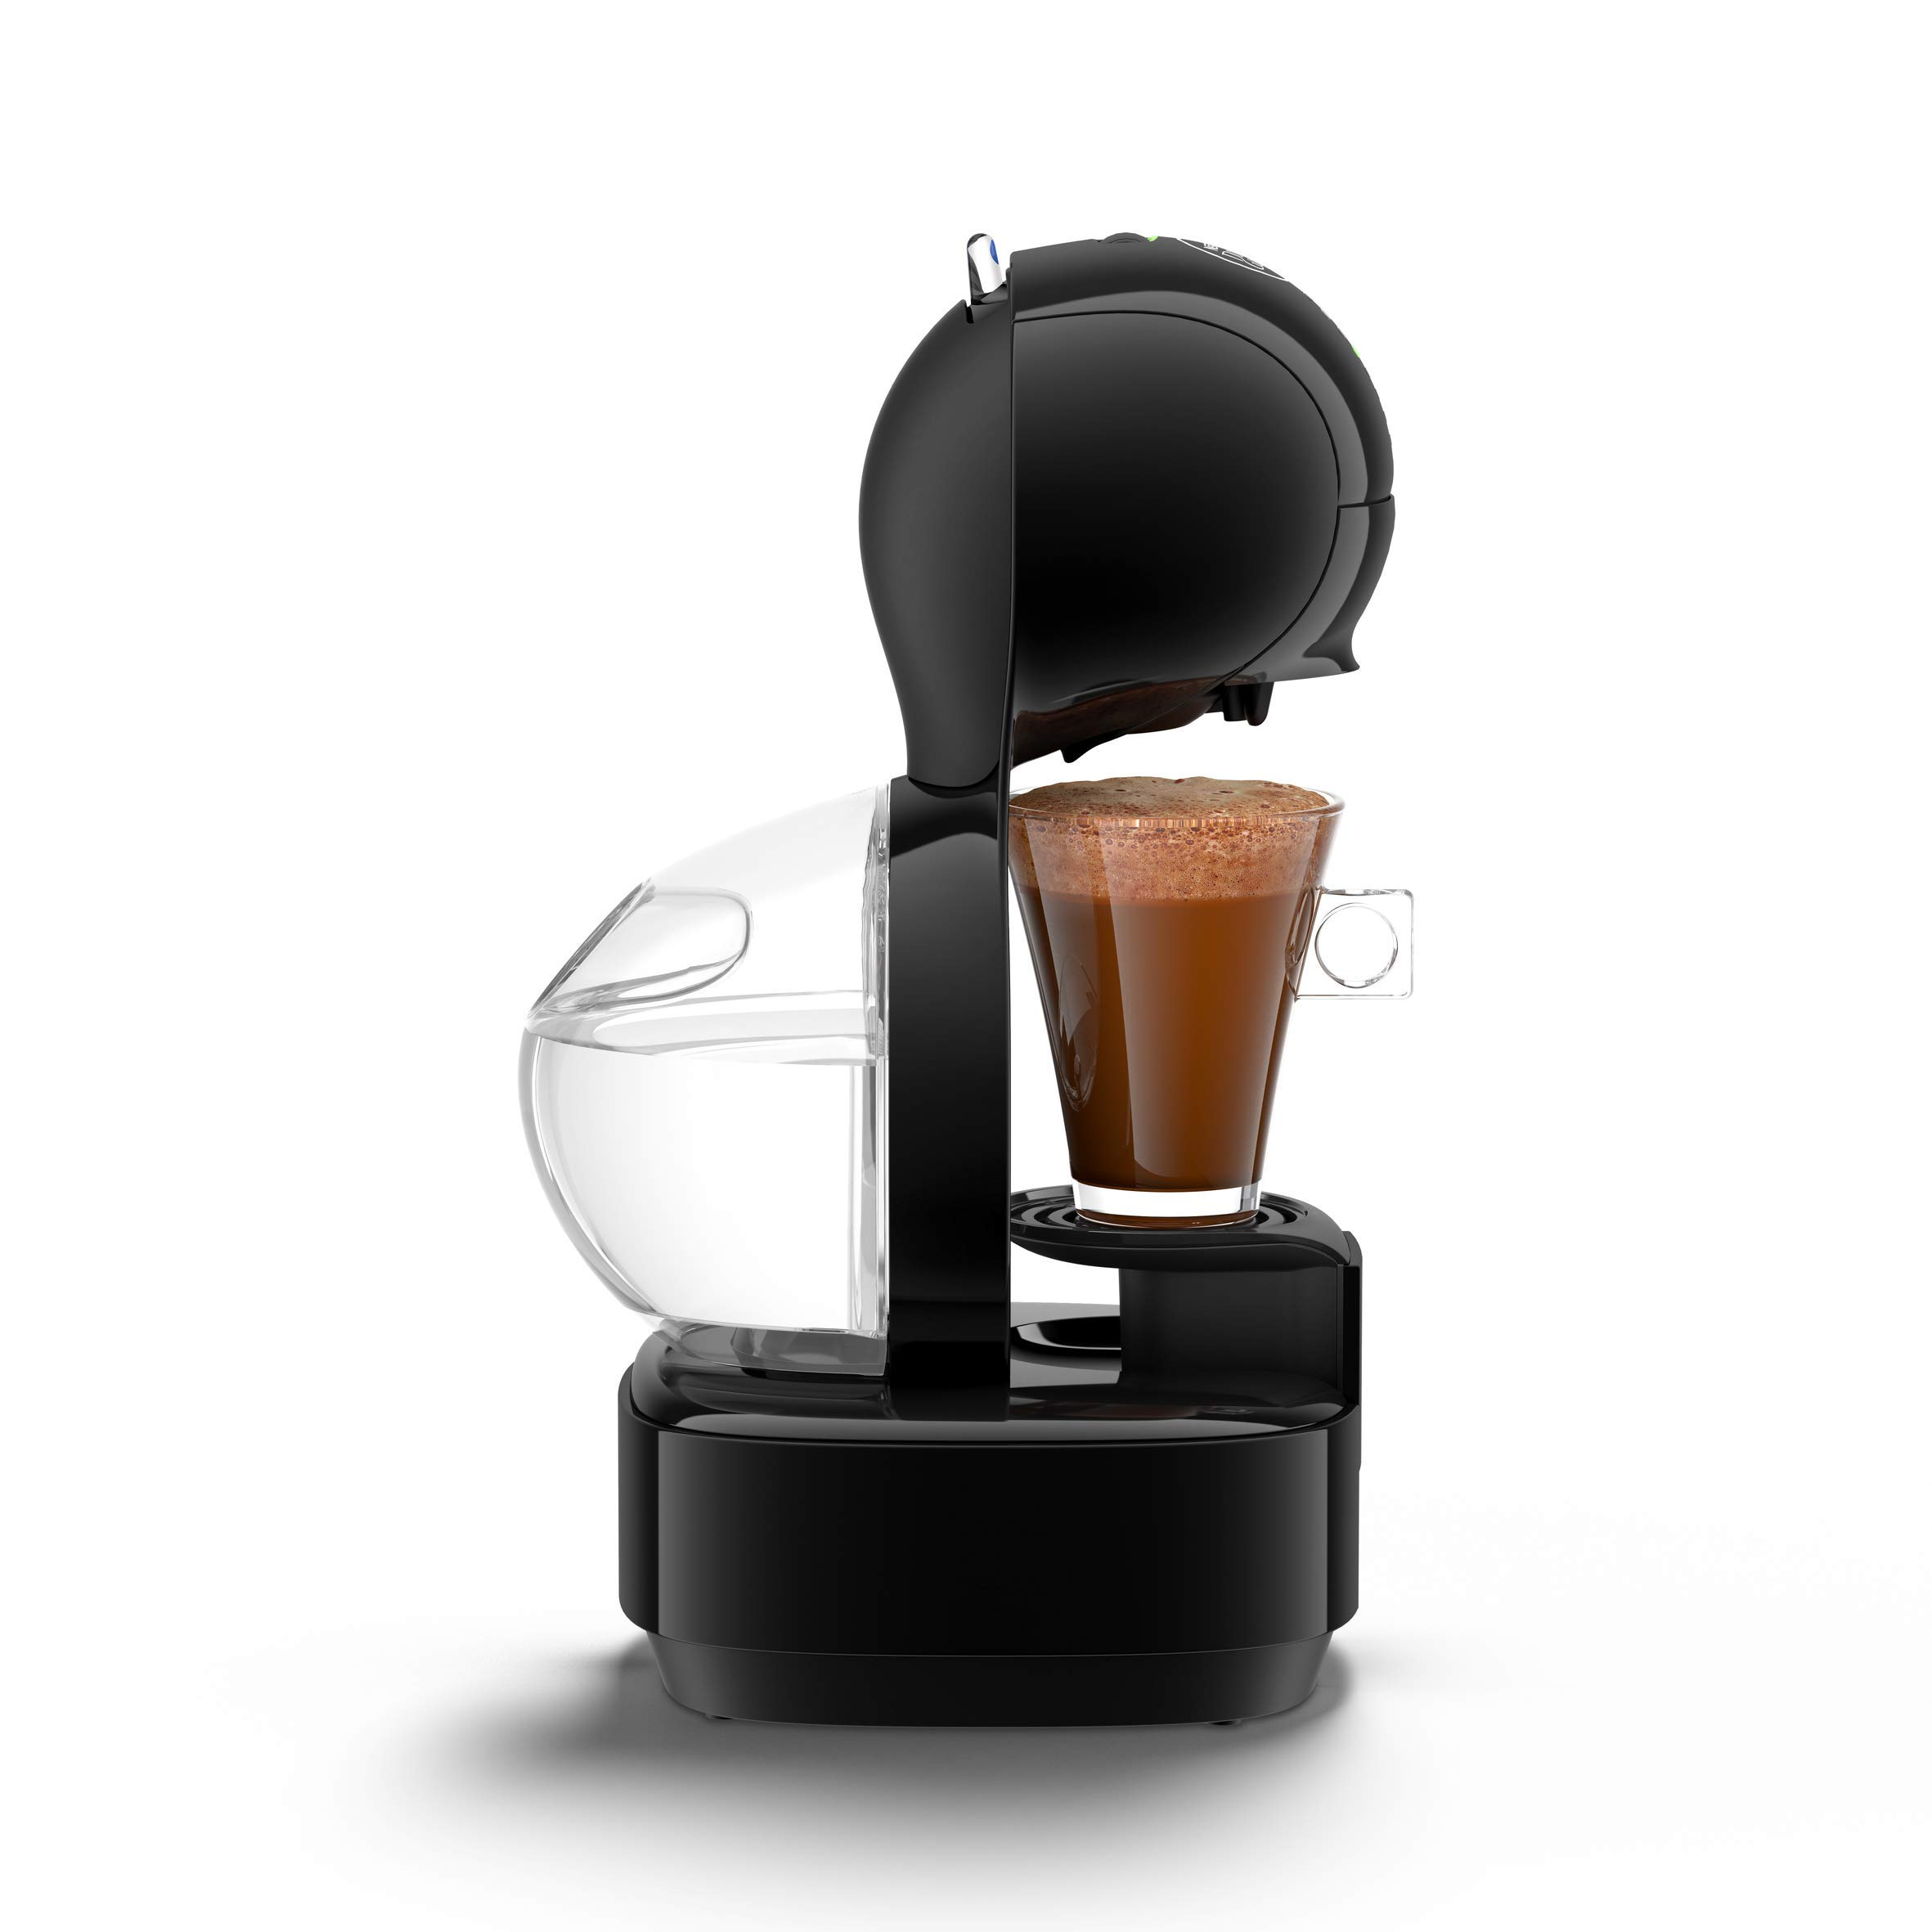 Krups Dolce Gusto Lumio KP130810, 15 Bares de presión - Cafetera de cápsulas, café de calidad profesional. Color Negro (Reacondicionado): Amazon.es: Hogar